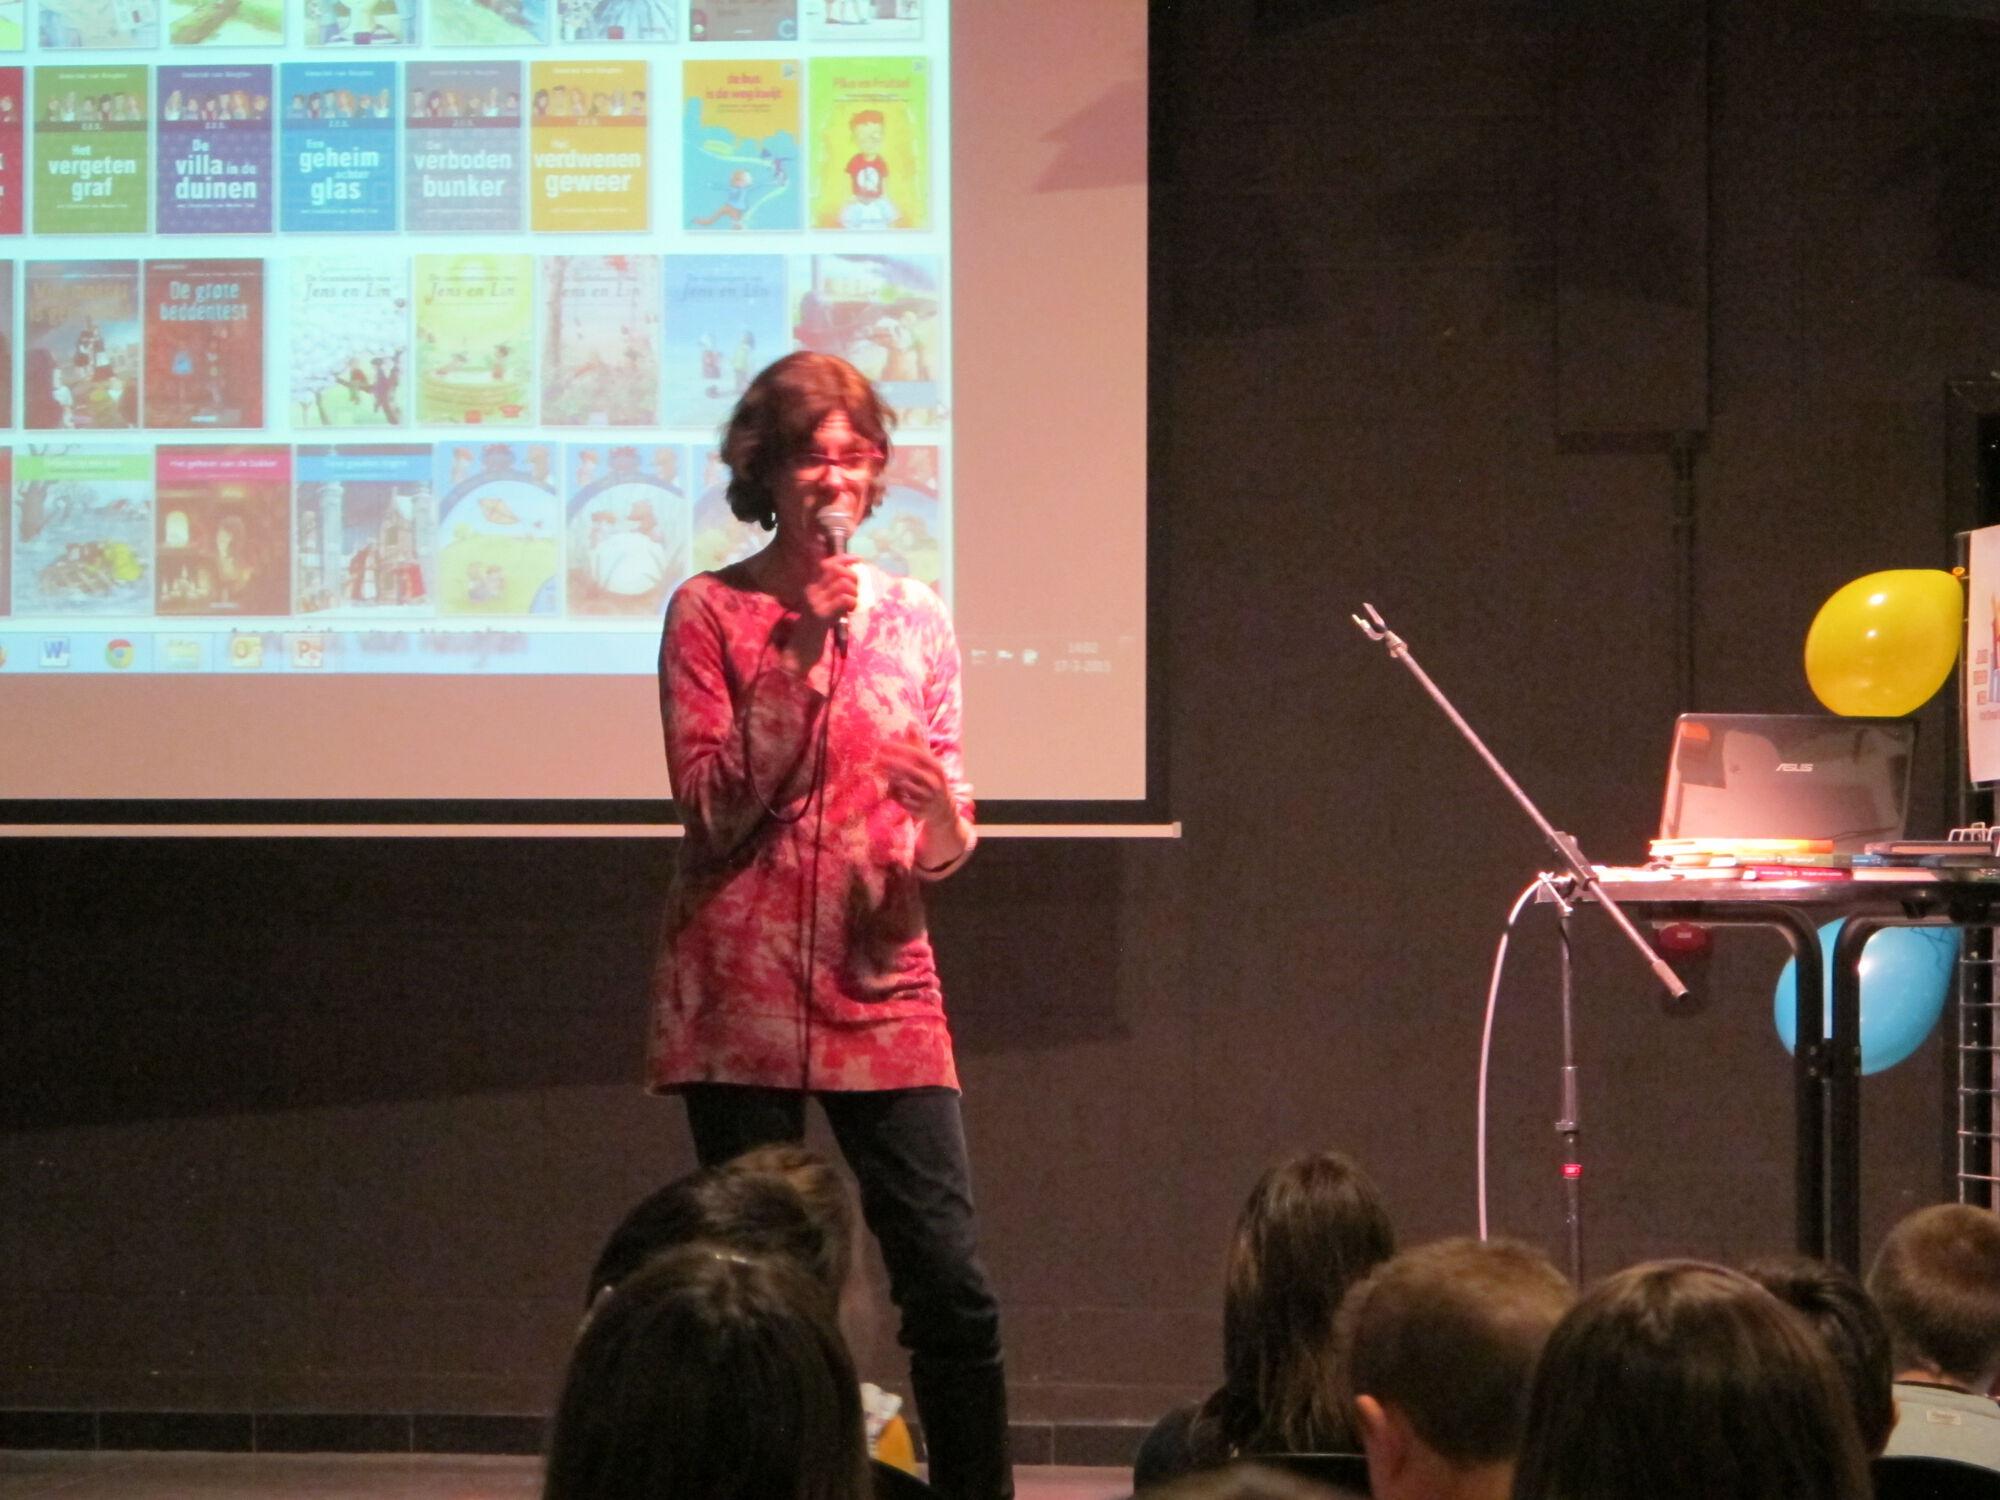 Auteur Anneriek van Heugten